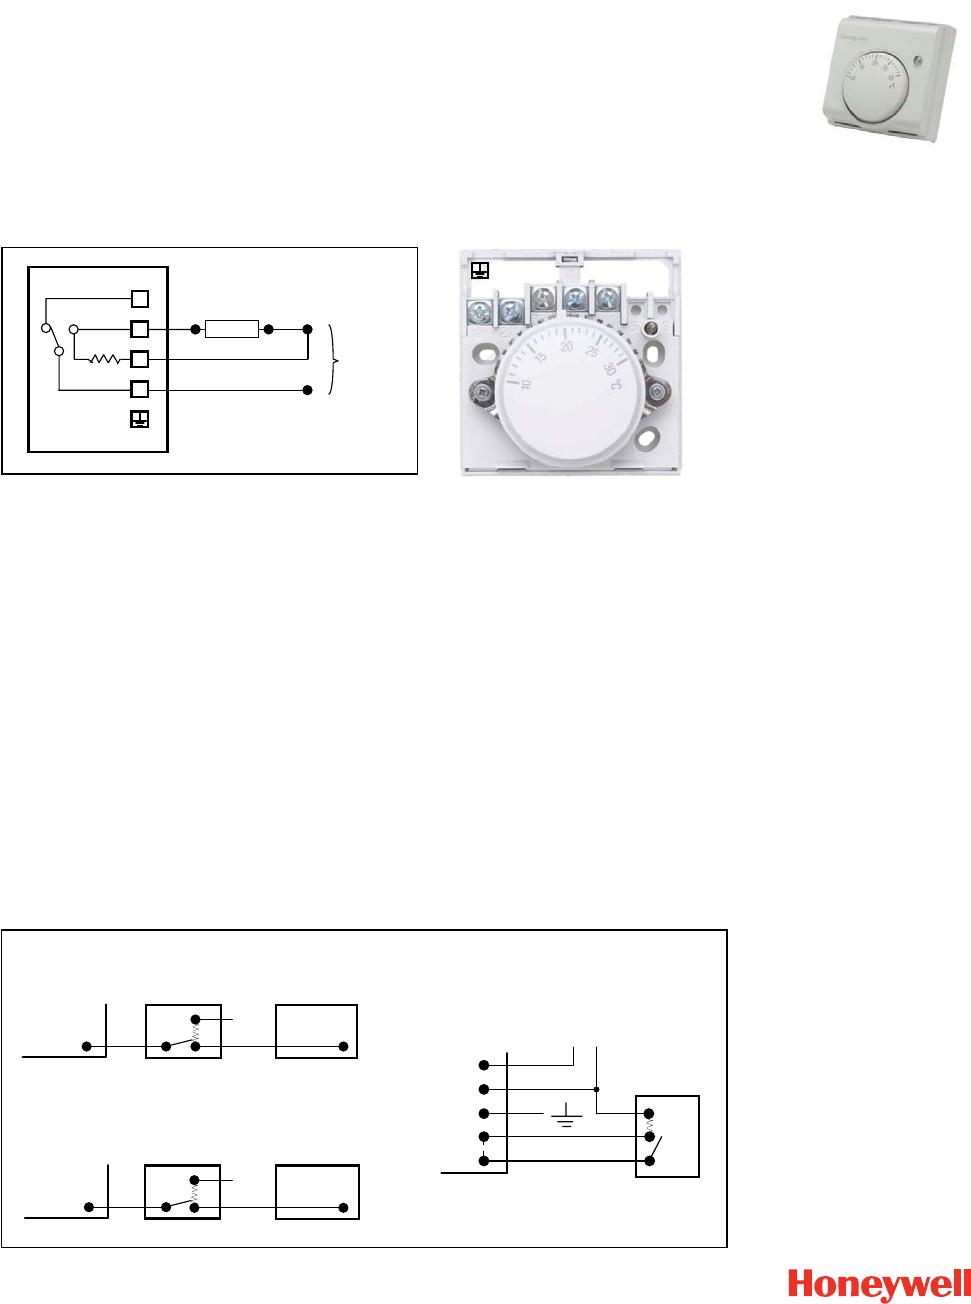 Bedienungsanleitung Honeywell T6360  Seite 1 Von 1   Englisch